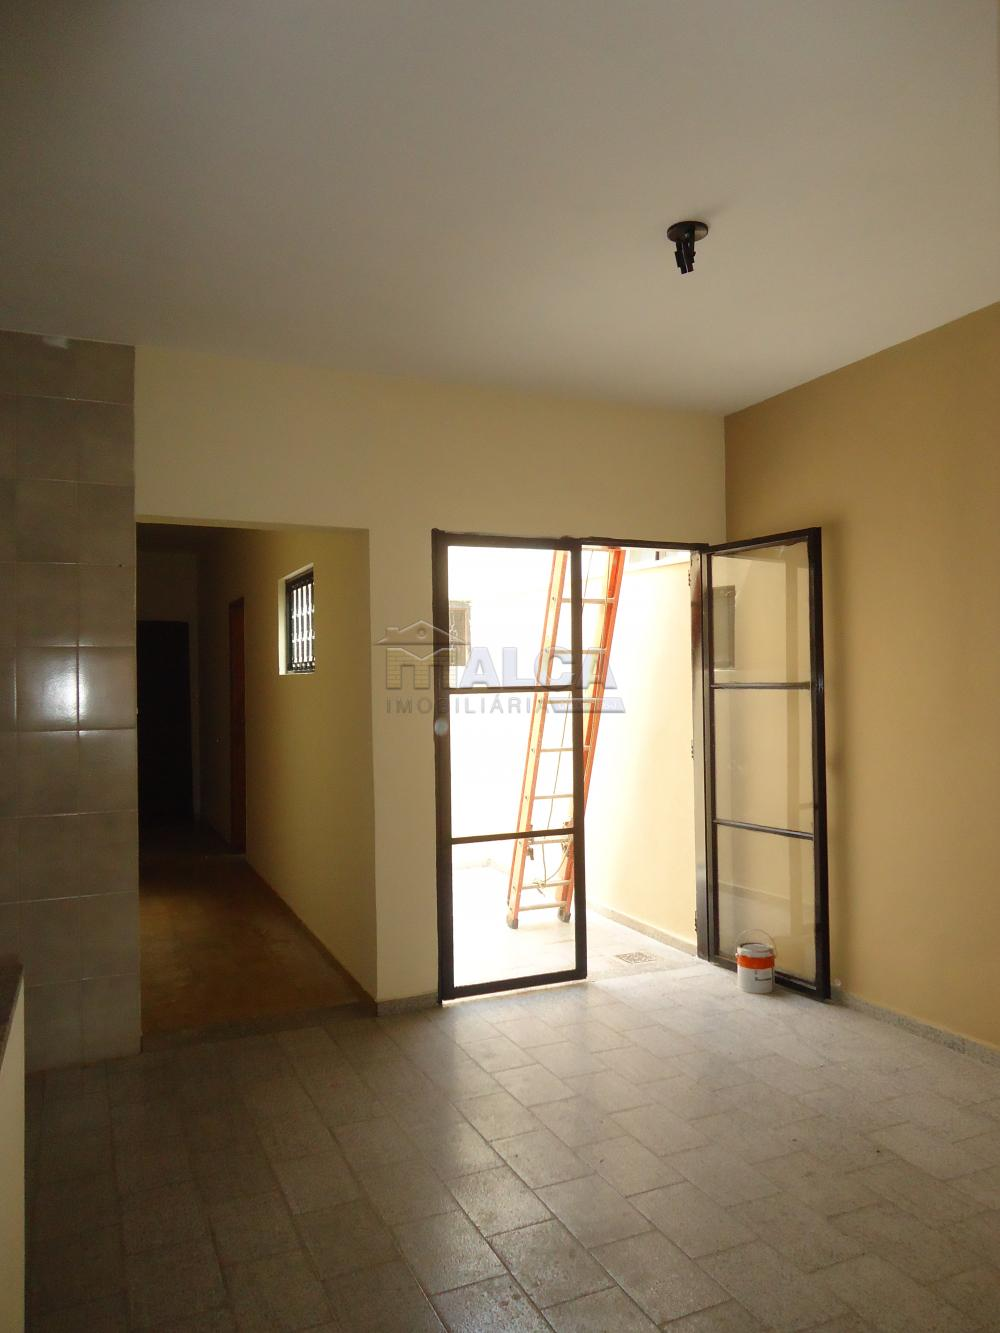 Alugar Casas / Padrão em São José do Rio Pardo R$ 1.300,00 - Foto 12